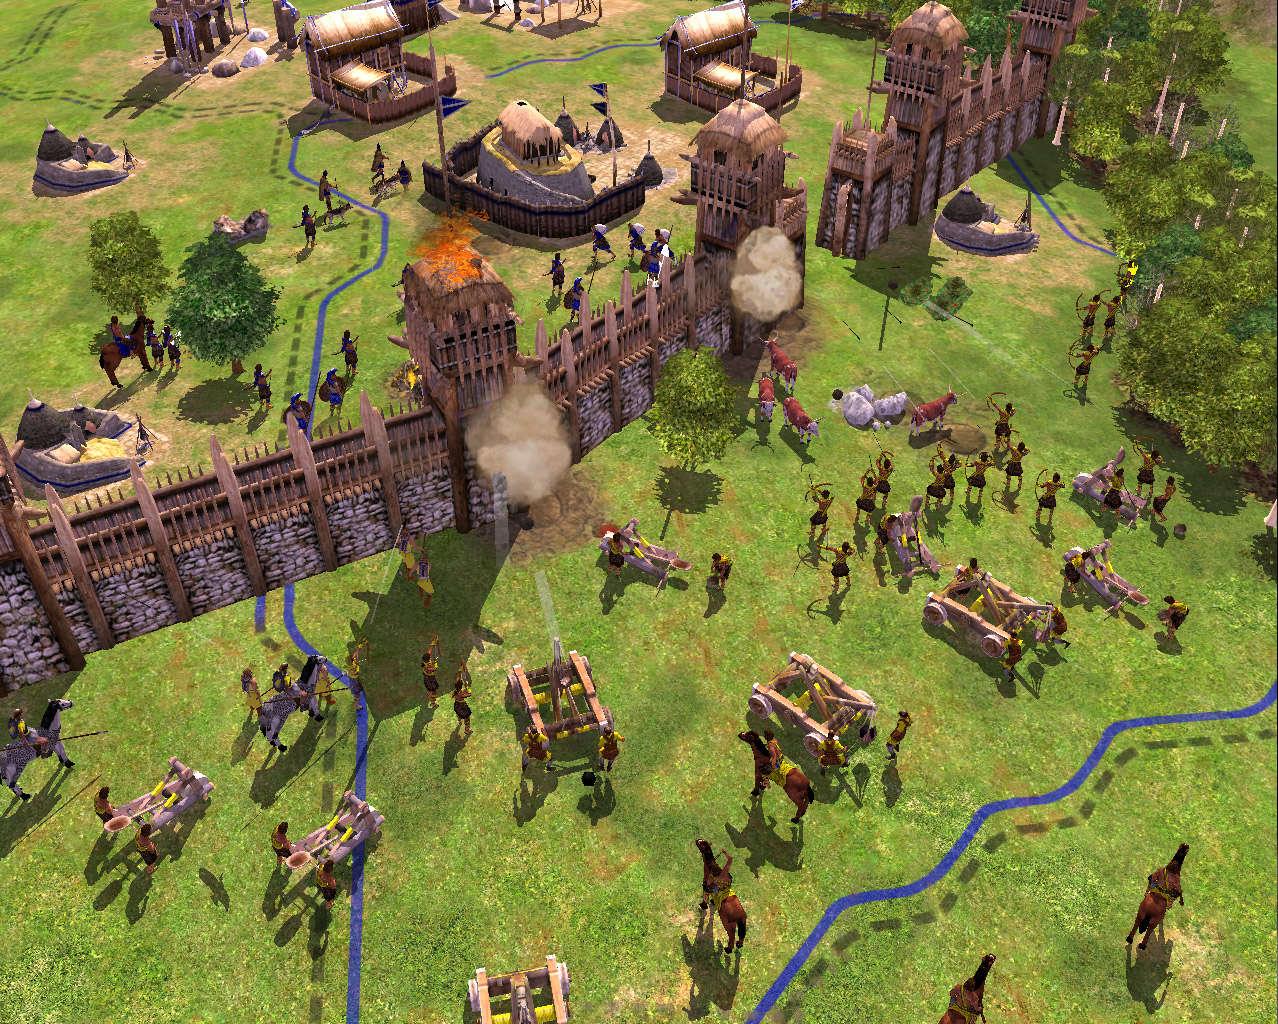 empire earth 2 gold edition 3 ss l 120117125624 - Empire Earth 2 Gold Edition PC